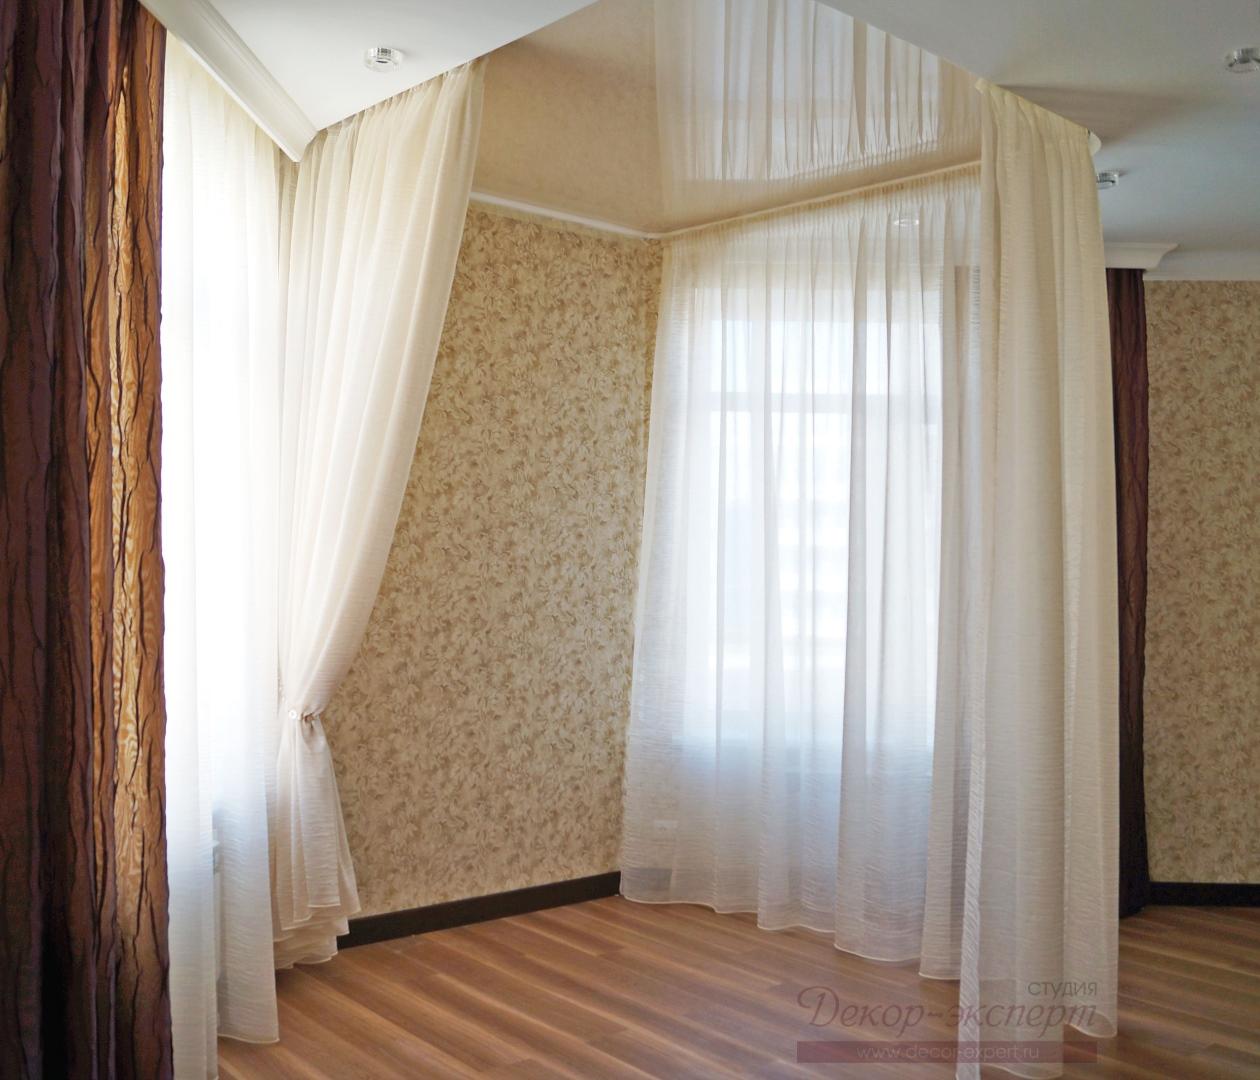 Балдахин для спальни в частично закрытом состоянии.